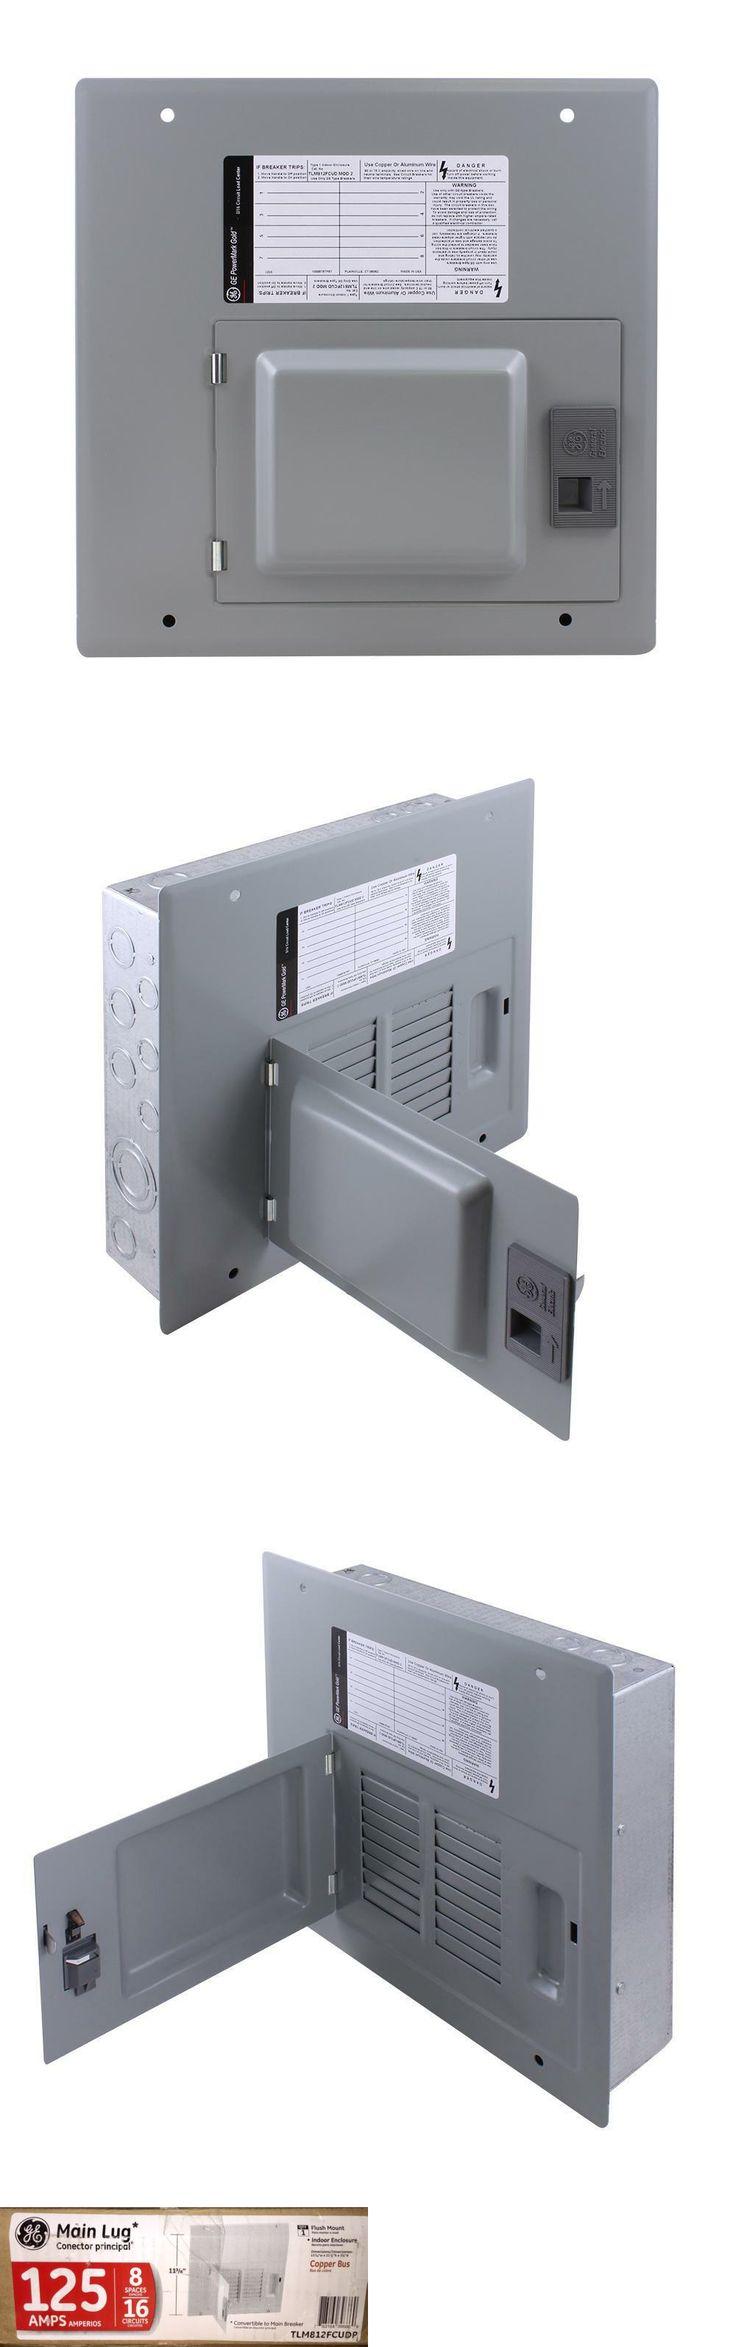 Circuit breakers and fuse boxes 20596 ge powermark gold